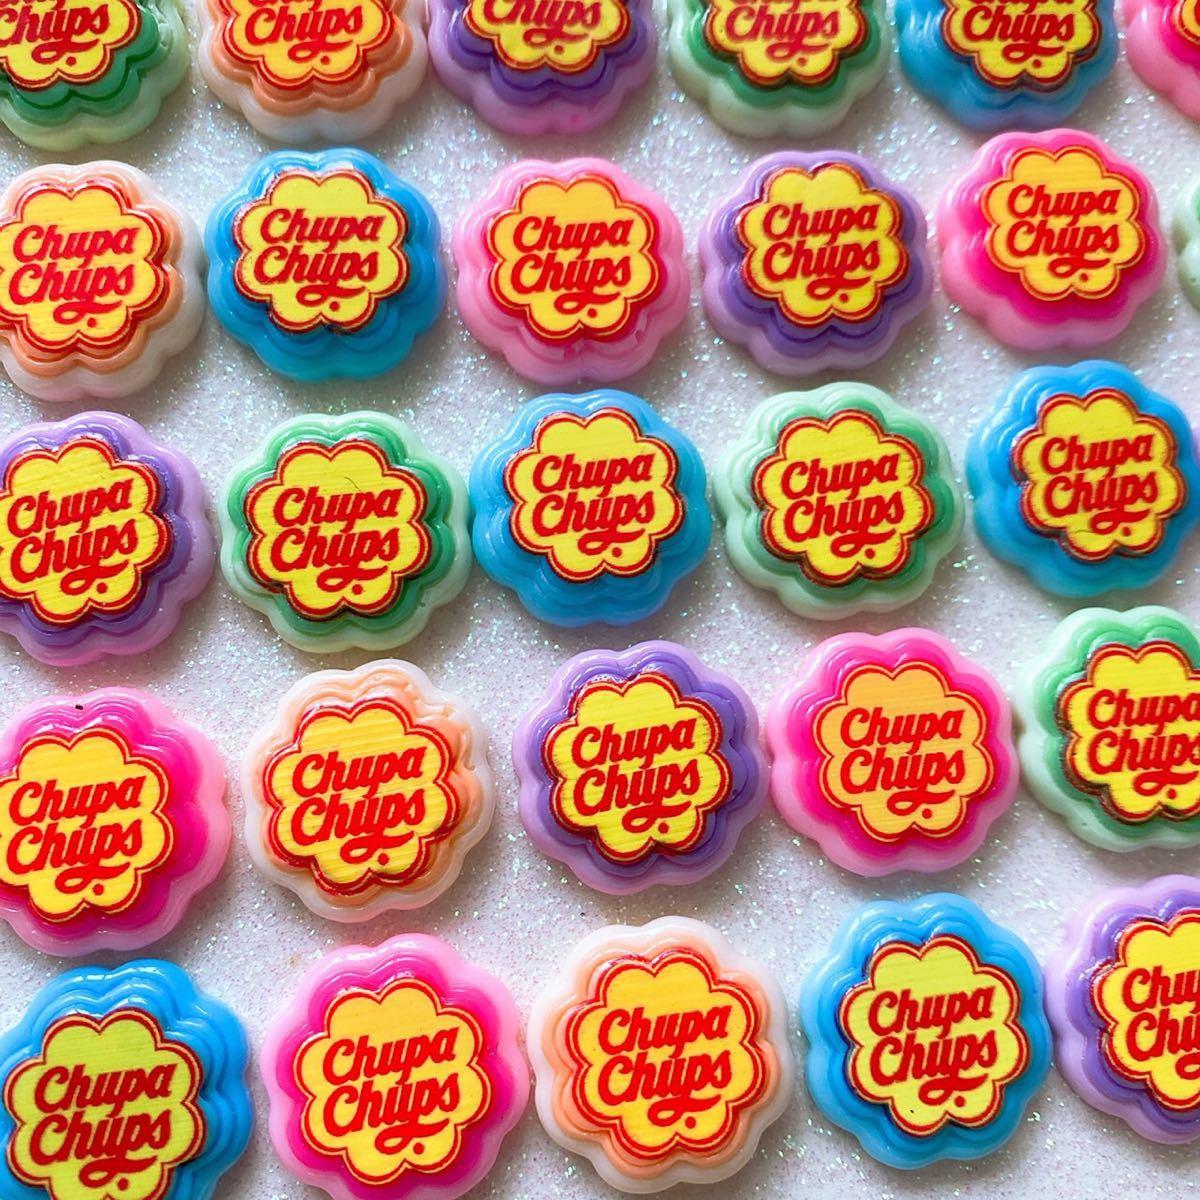 デコパーツ キャンディパーツ 30個セット お菓子パーツ ハンドメイド 材料